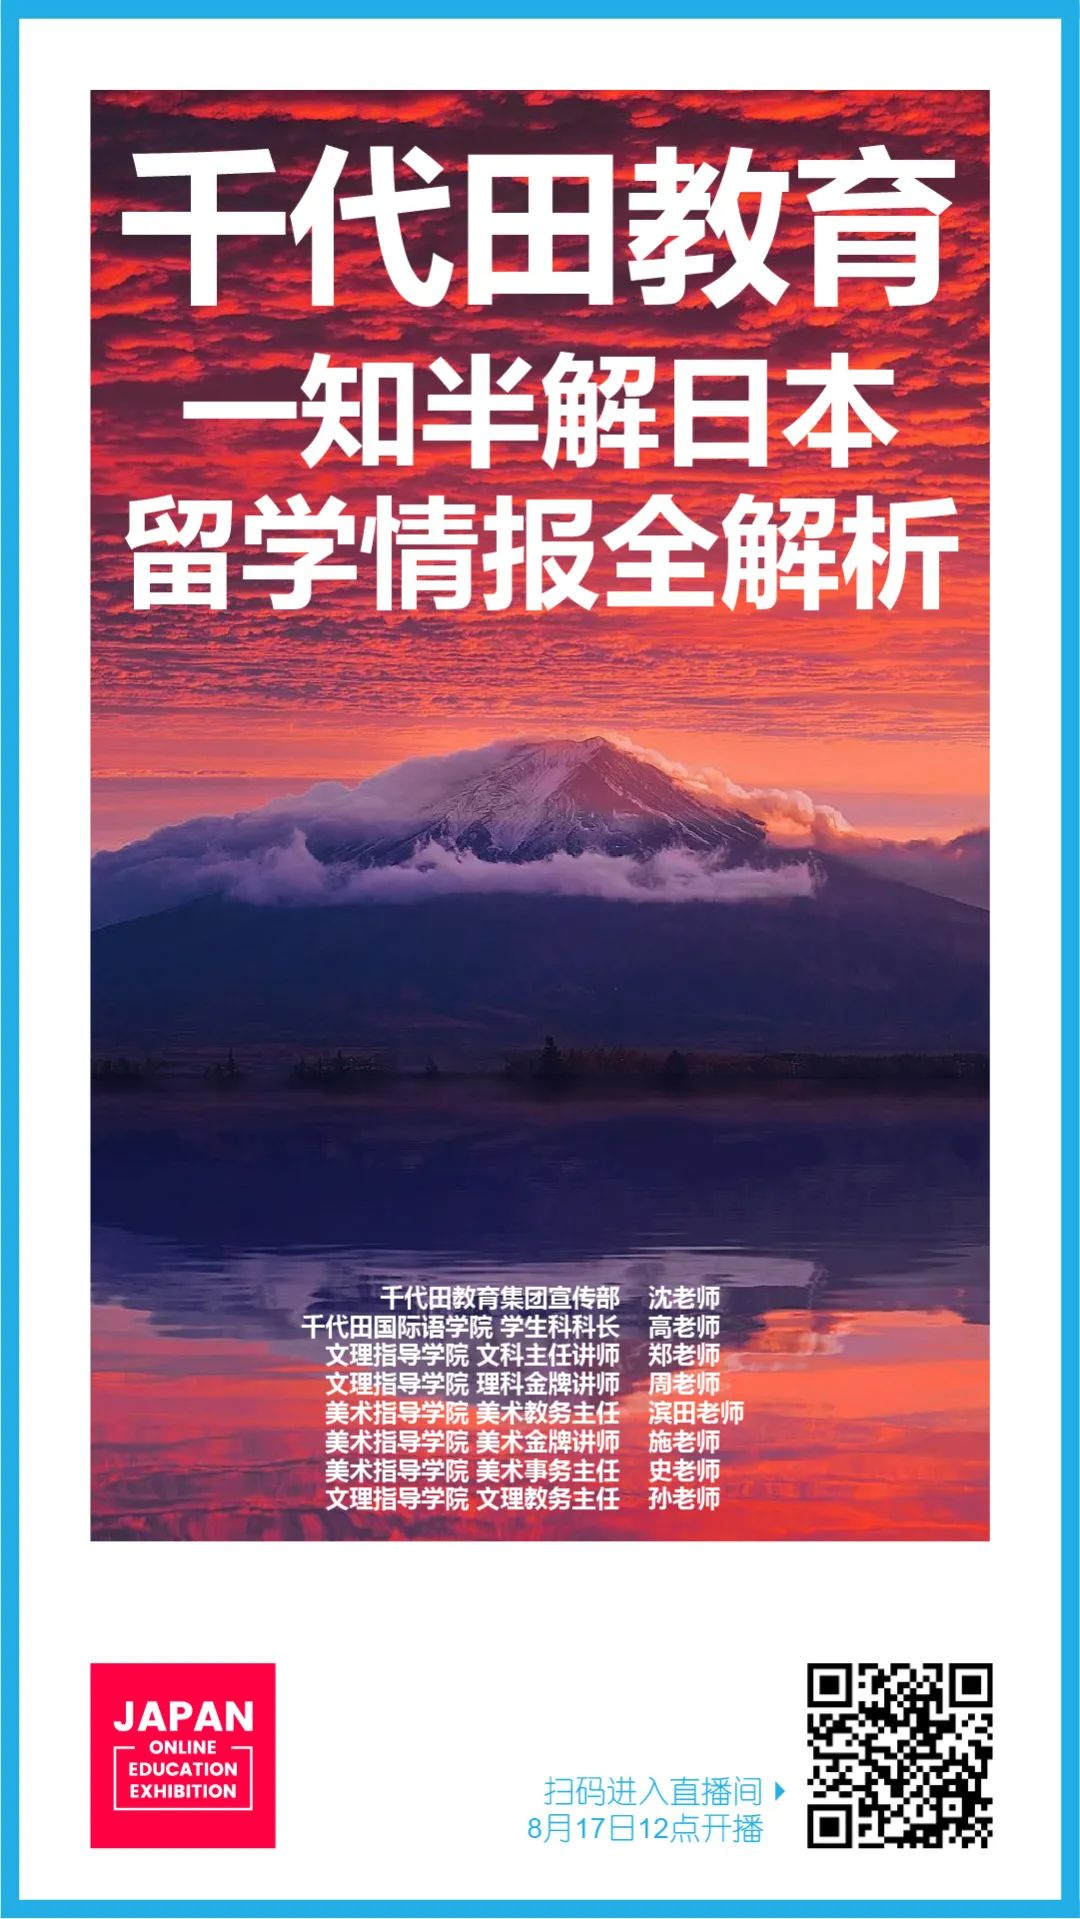 千代田美术|你敢信?听了这堂免费公开课日本美术留学不再陌生!